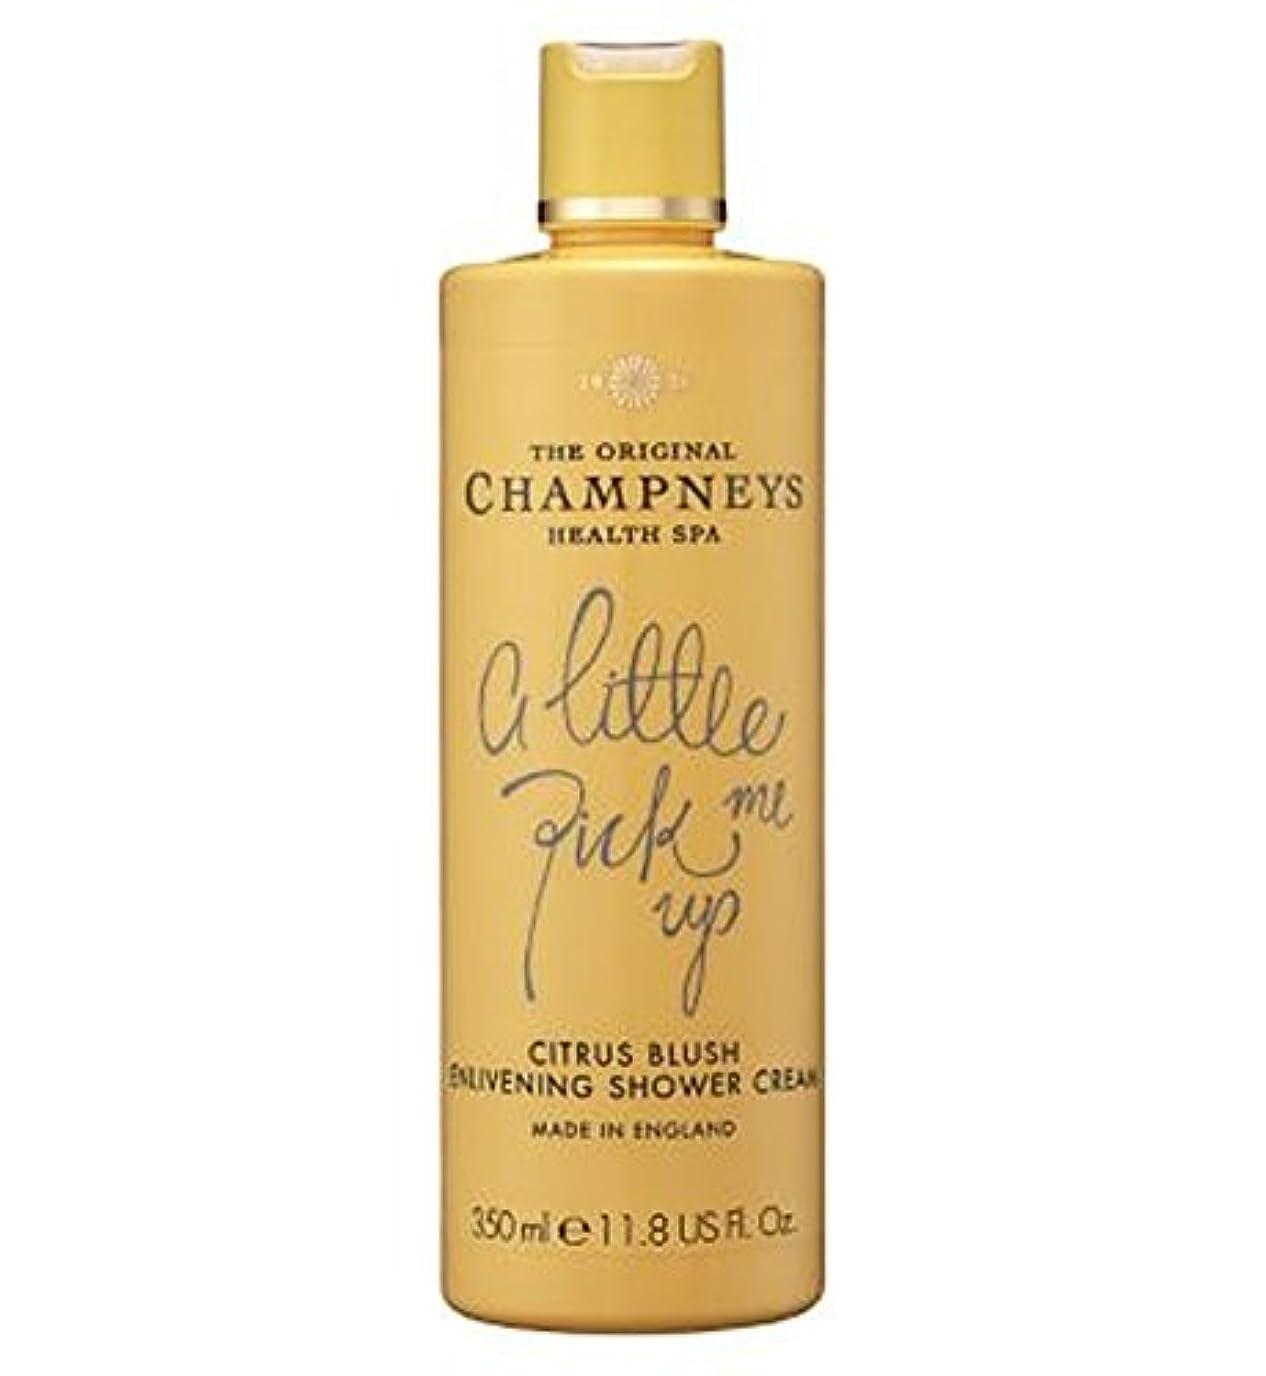 わずらわしい変装した規則性チャンプニーズシトラス赤面盛り上げシャワークリーム350ミリリットル (Champneys) (x2) - Champneys Citrus Blush Enlivening Shower Cream 350ml (Pack...